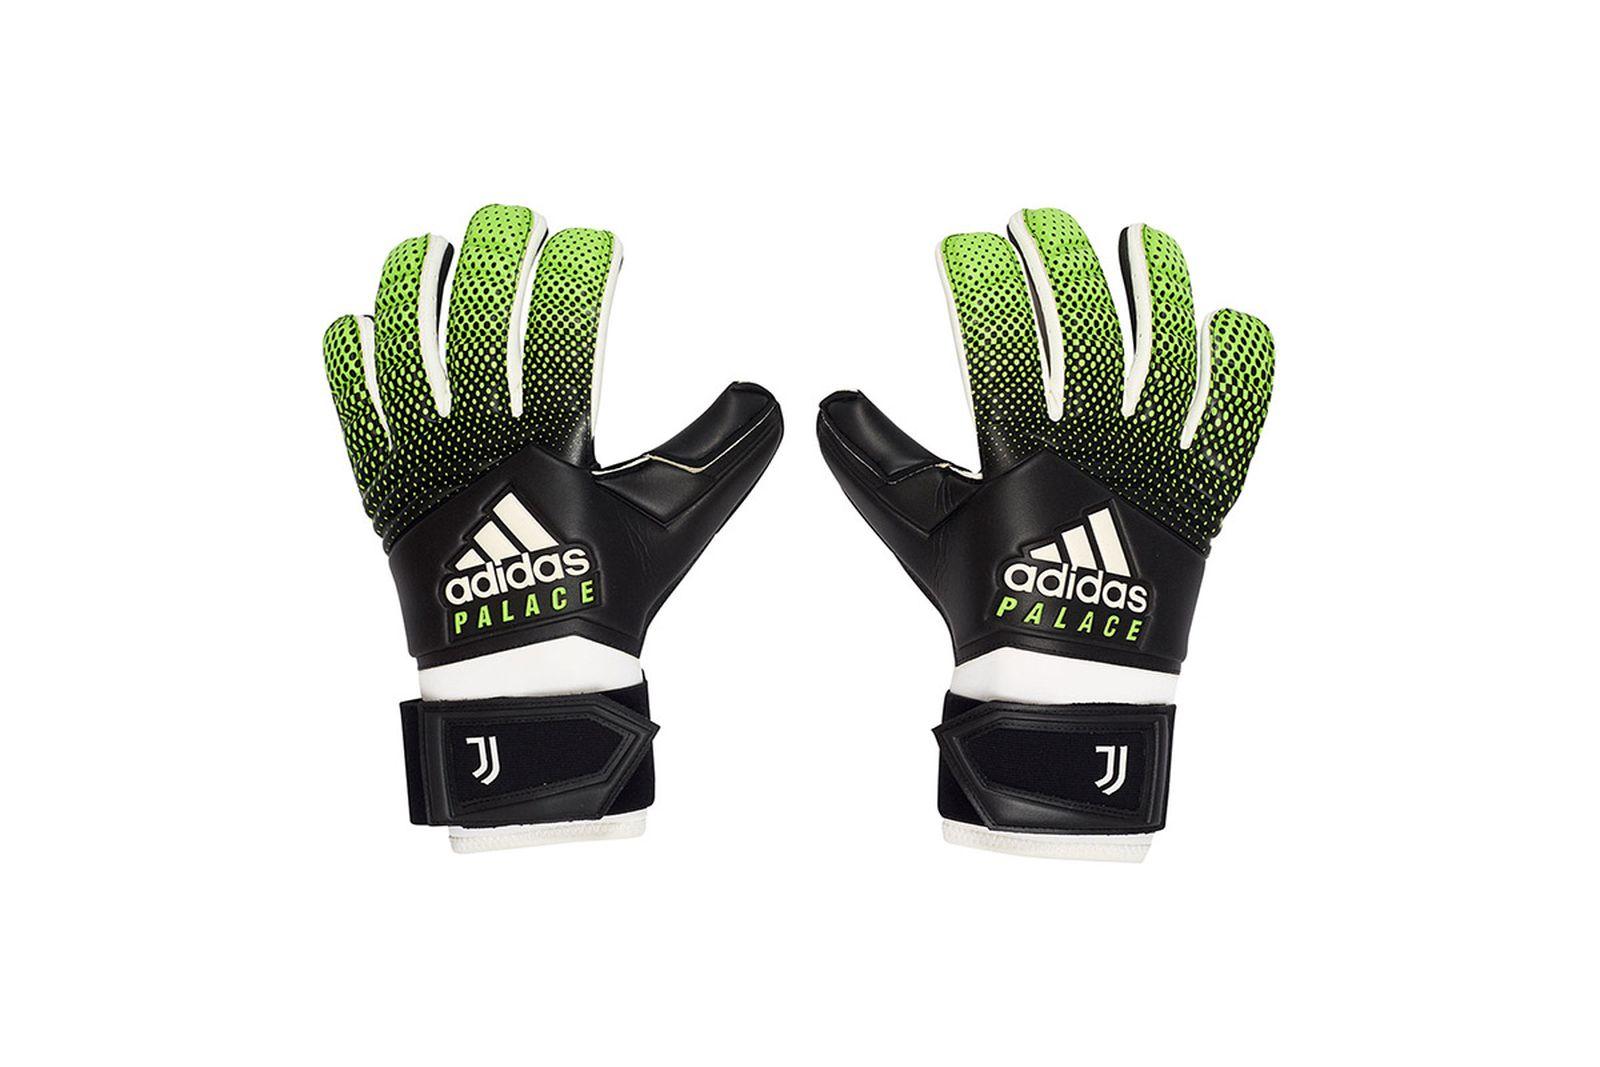 Palace-2019-Adidas-Juventus-Gloves-19549